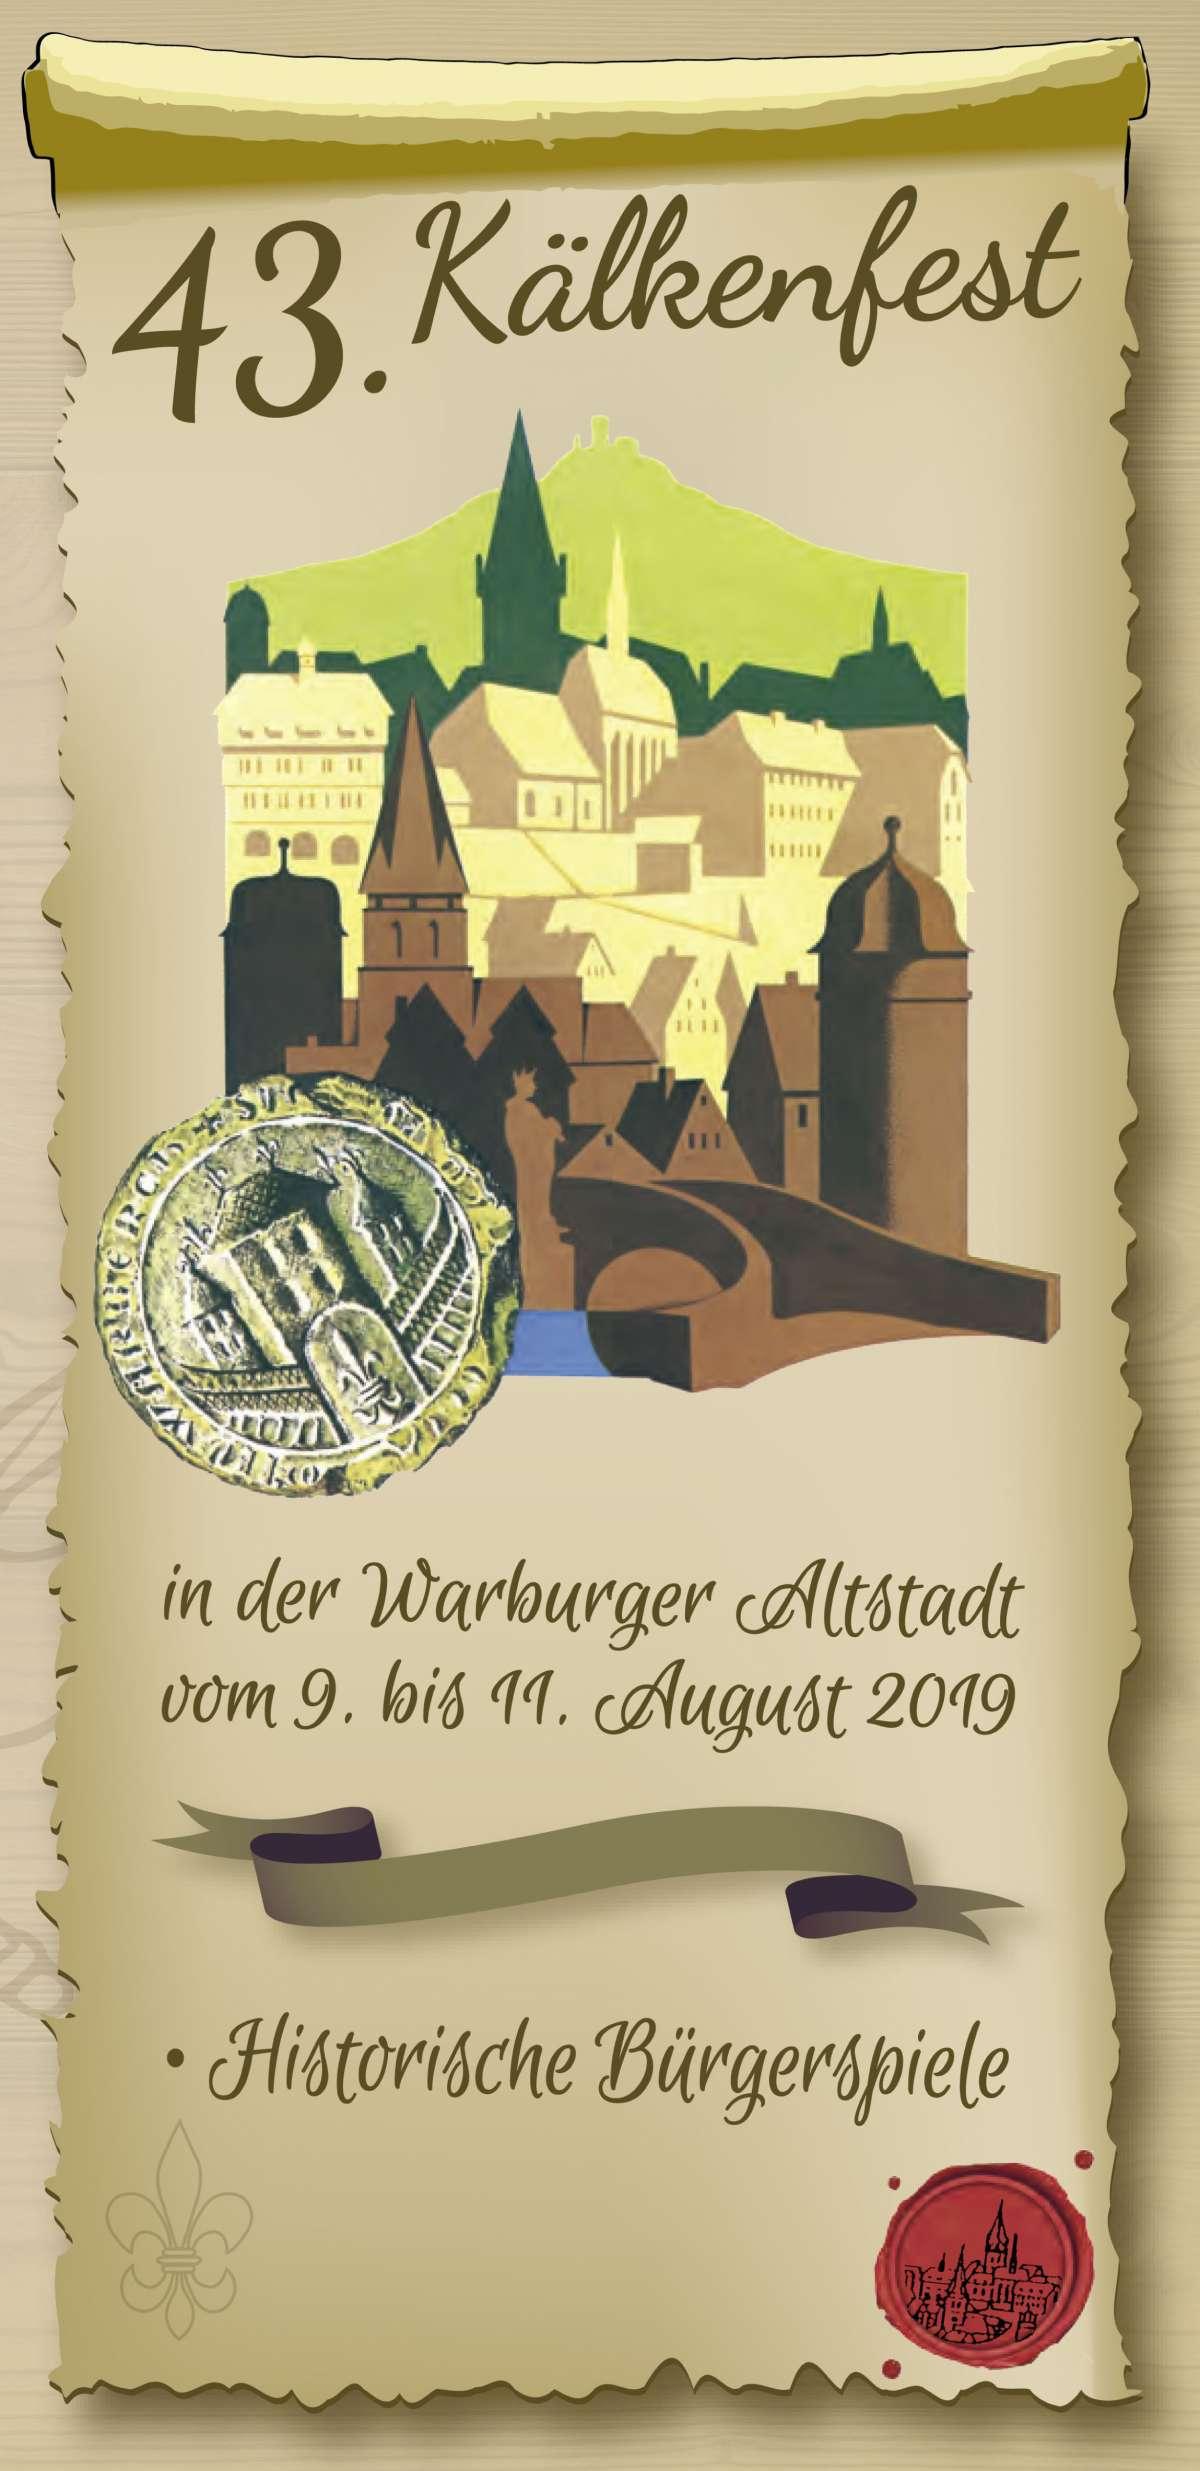 43. Kälkenfest - Musikverein Germete,  Musikverein Daseburg, B&G Projäct  - Altstadtmarktplatz  - Warburg